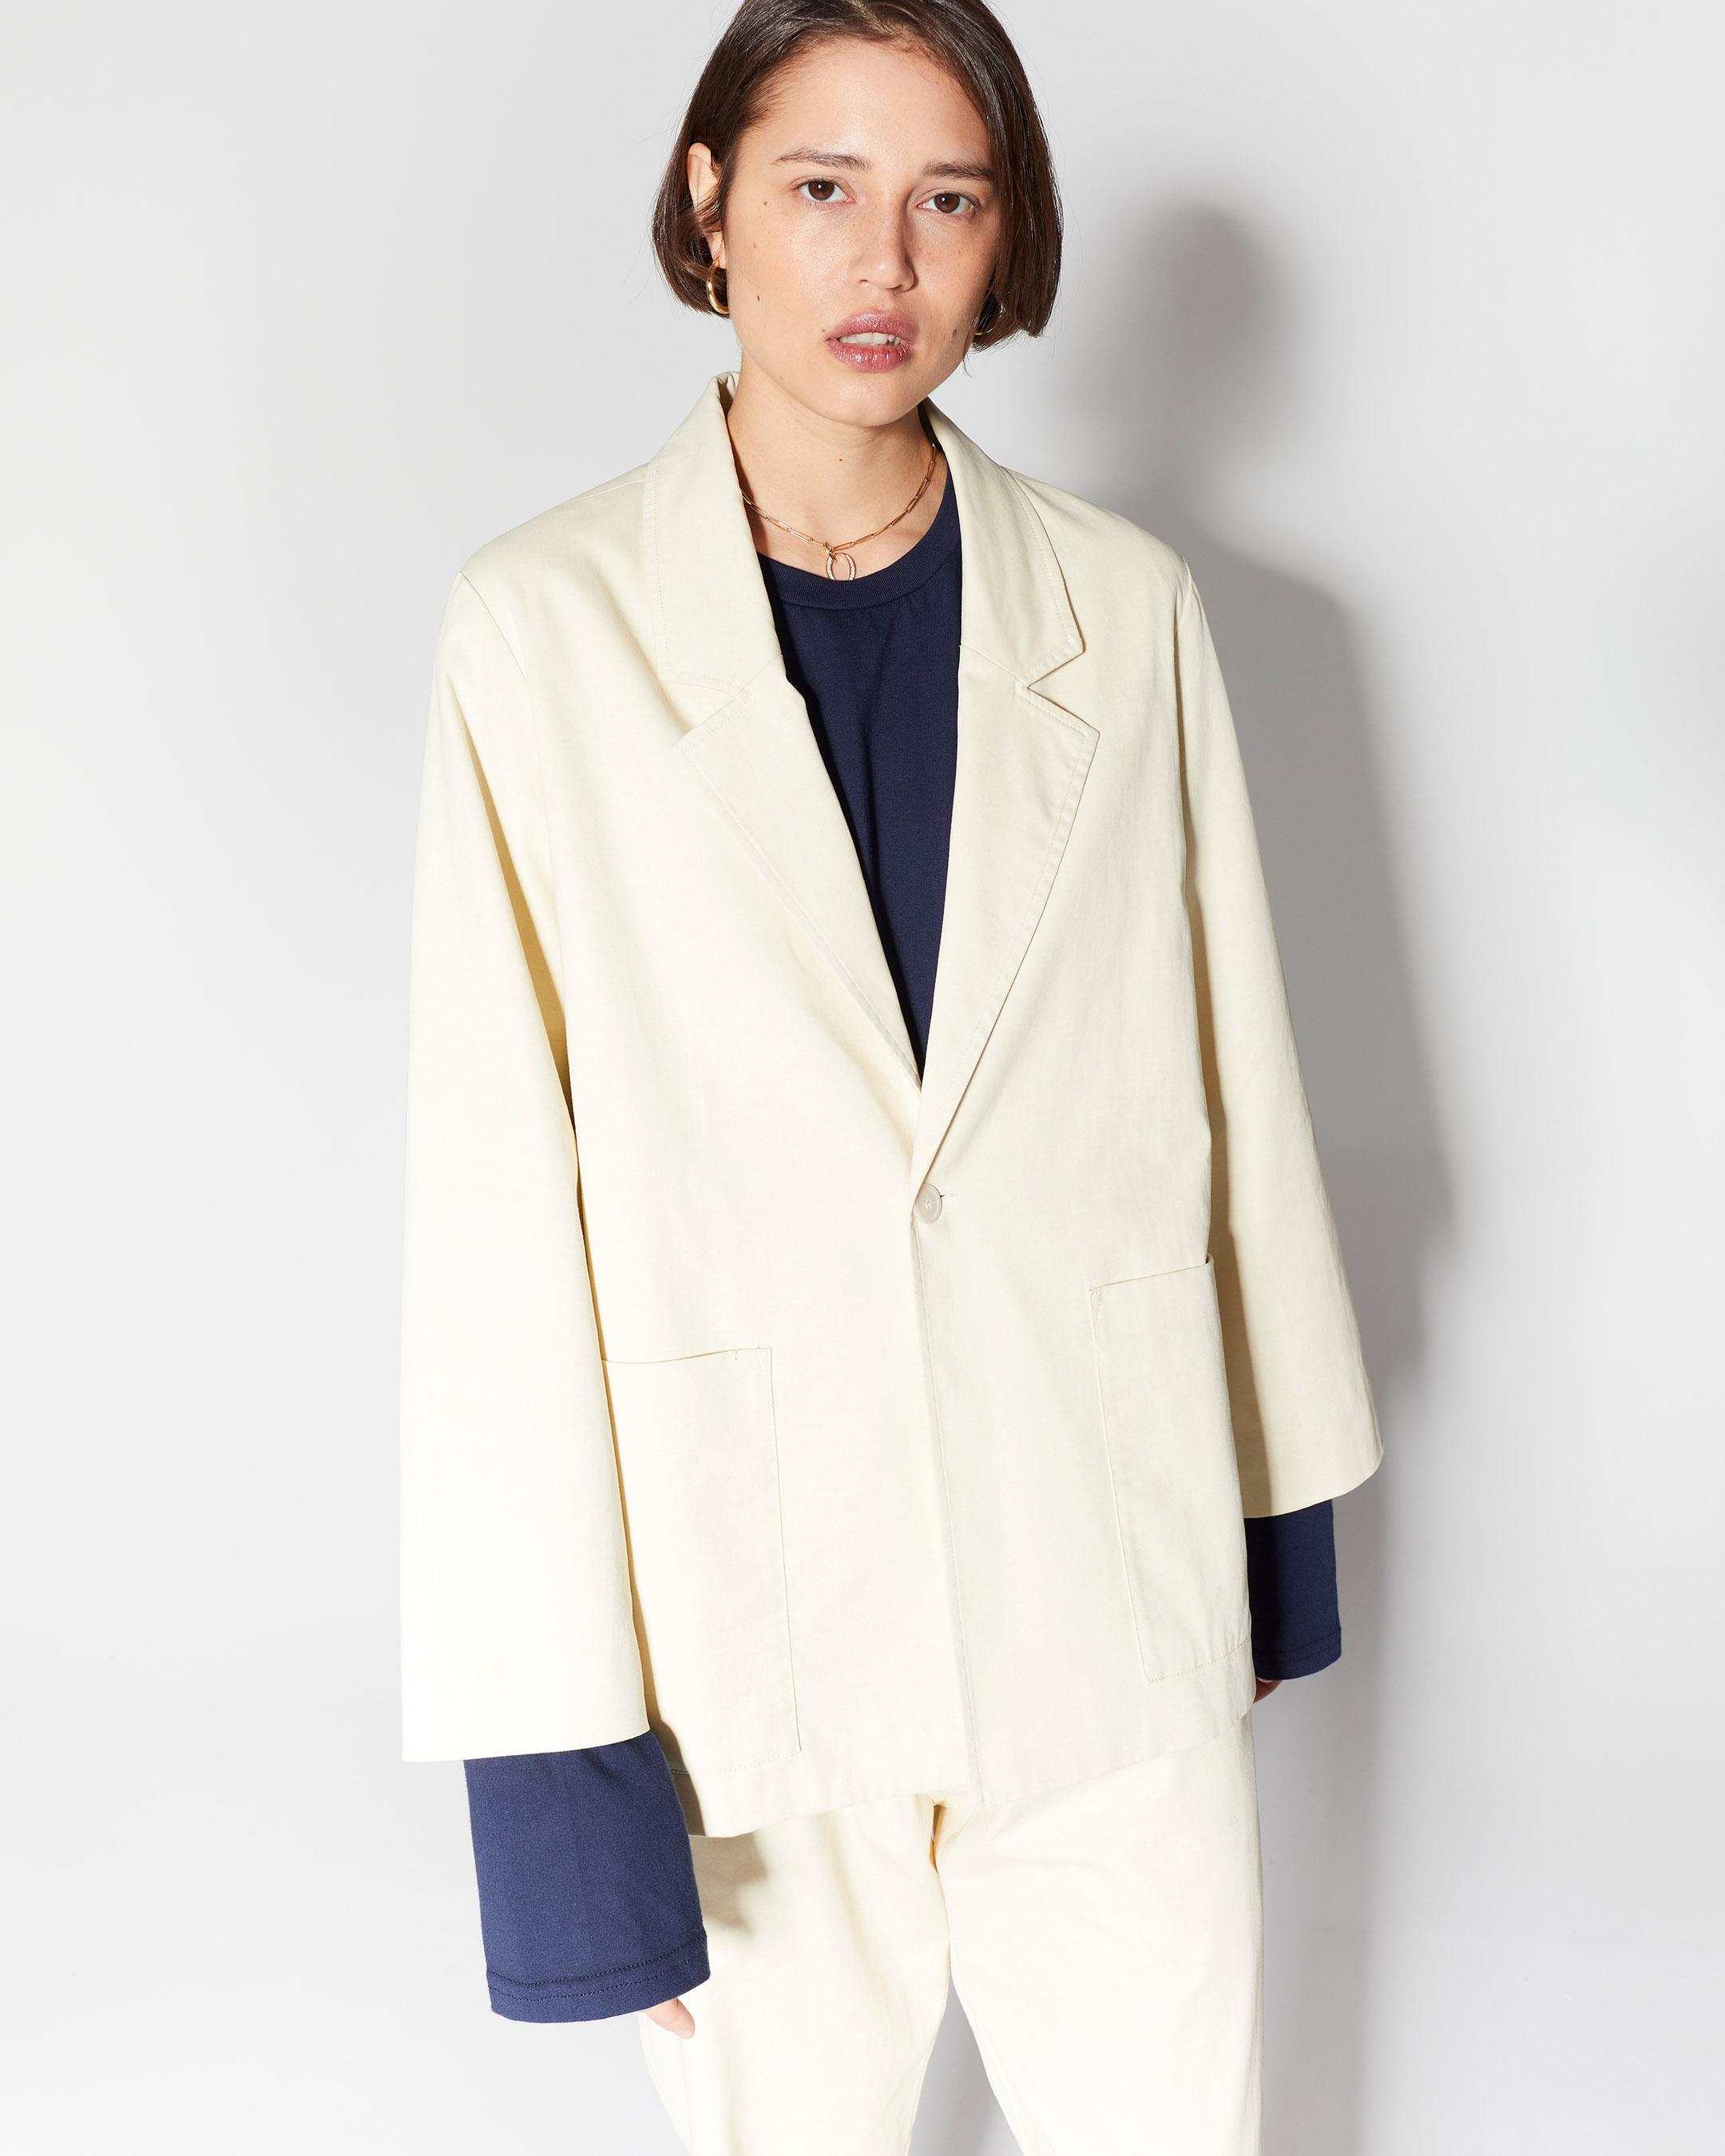 outerwear 3  suit vest beige 210415 ecom 655